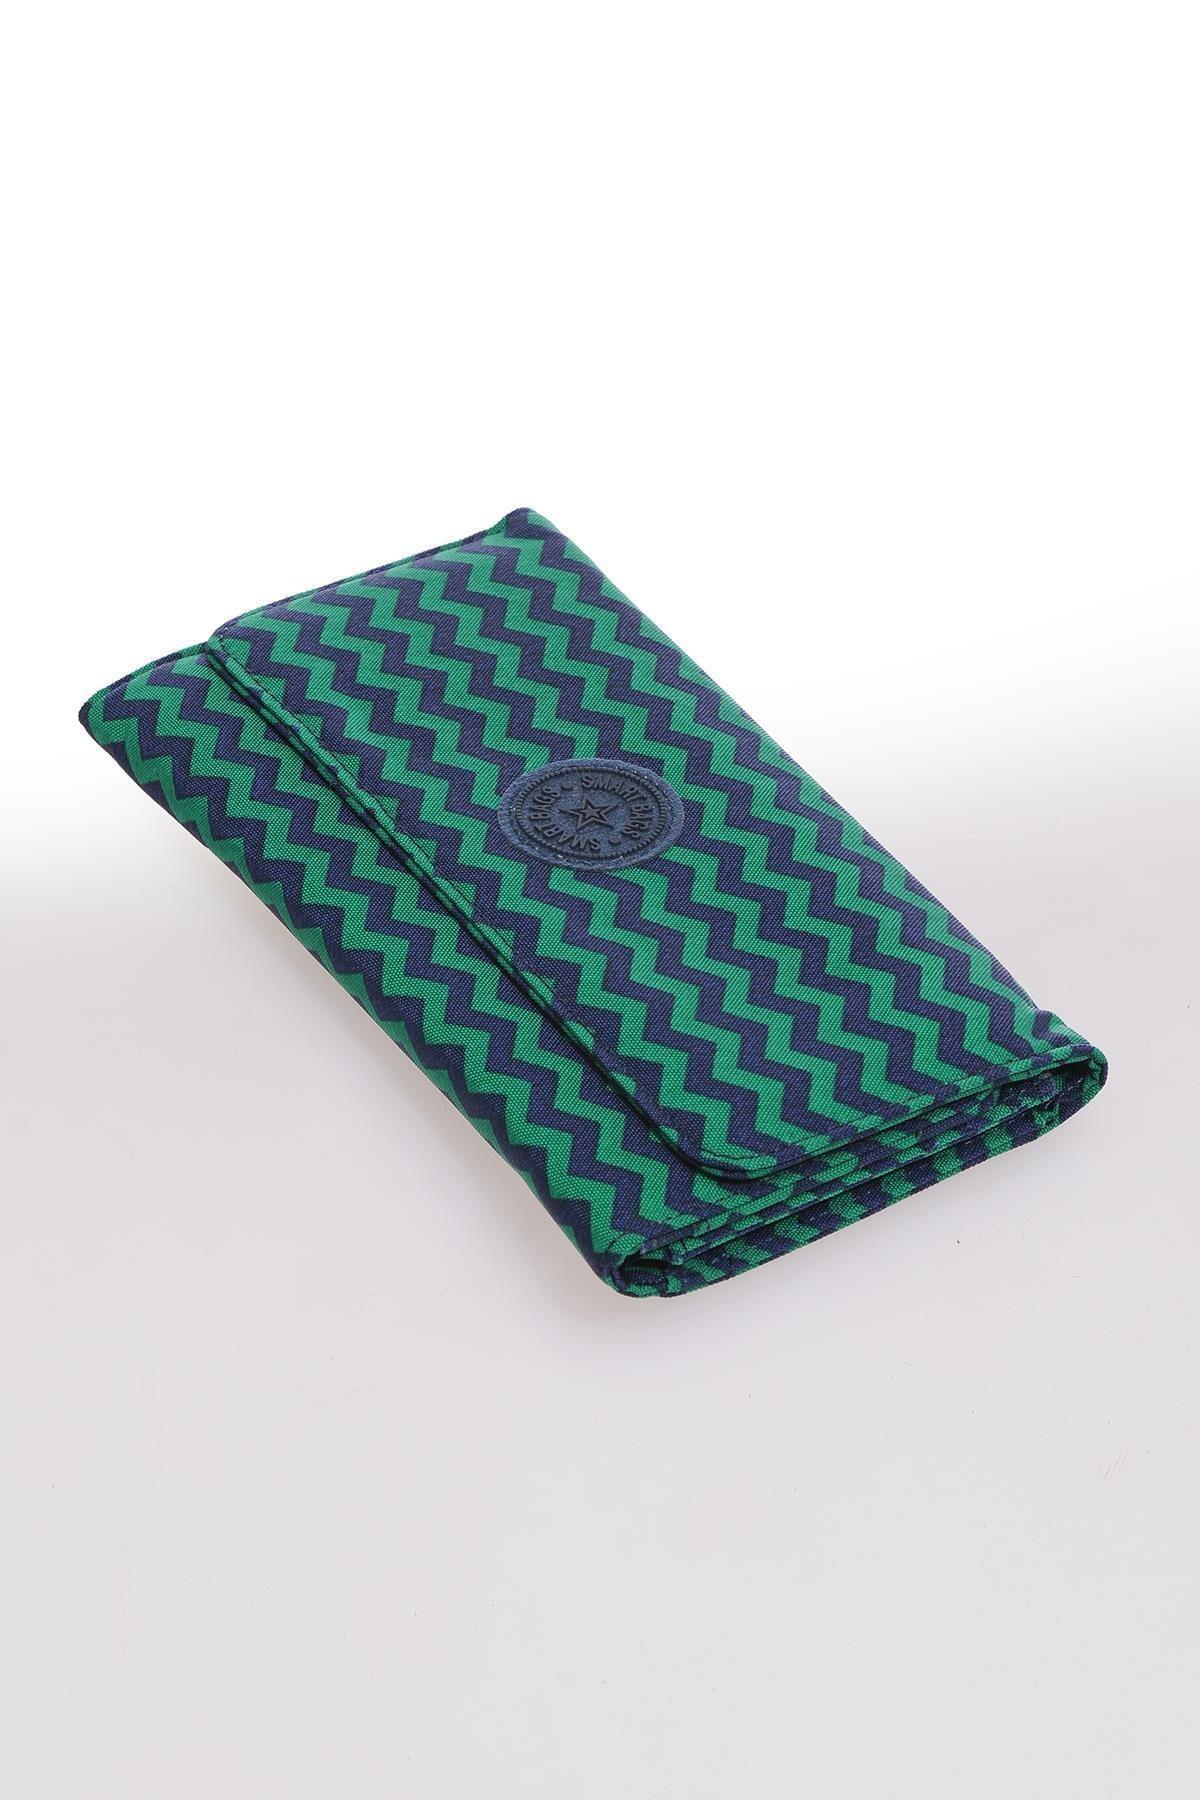 Smb1225-0066 Lacivert/yeşil Kadın Cüzdan